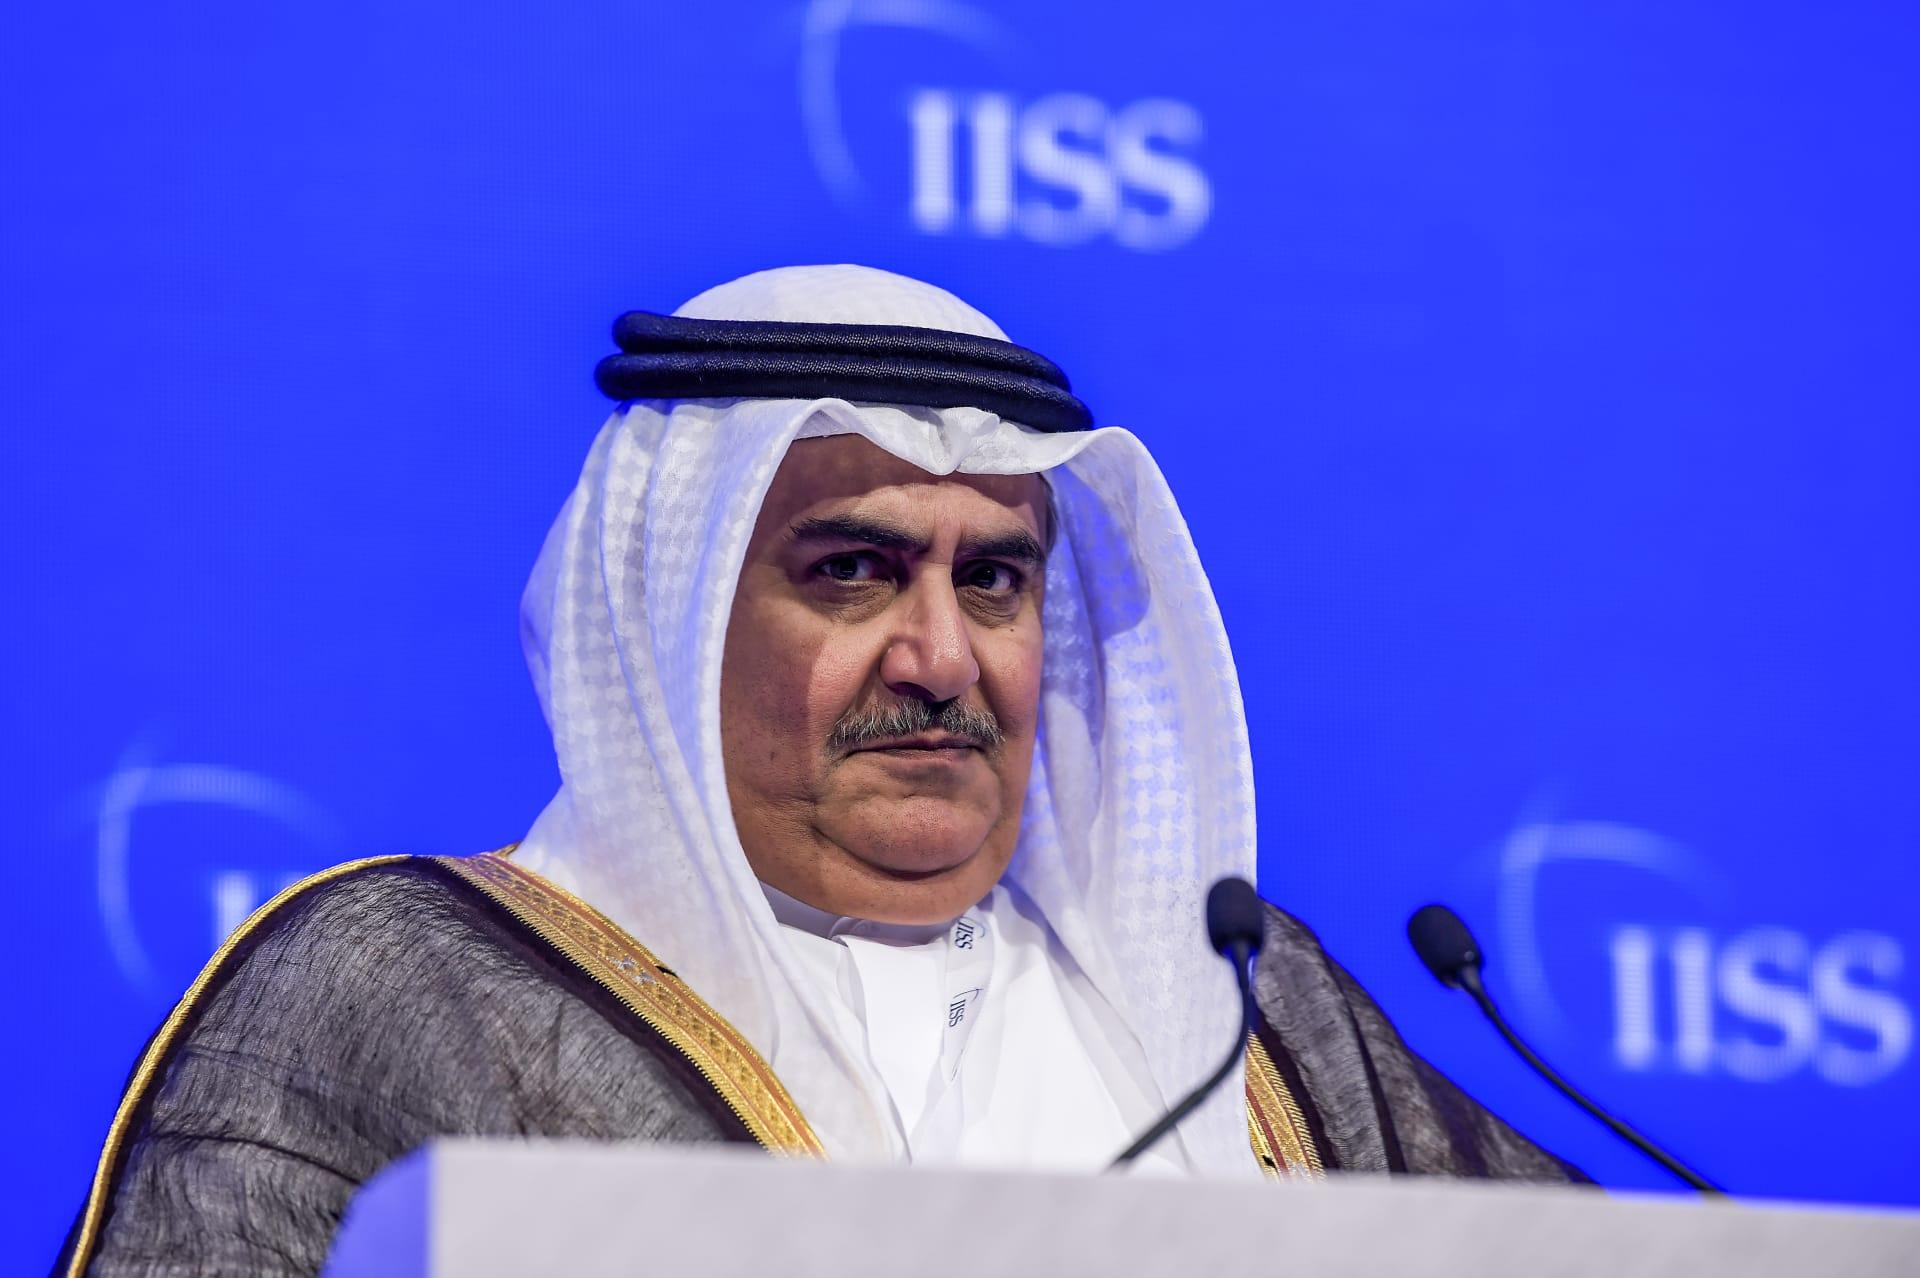 وزير خارجية البحرين الشيخ خالد بن أحمدآل خليفة